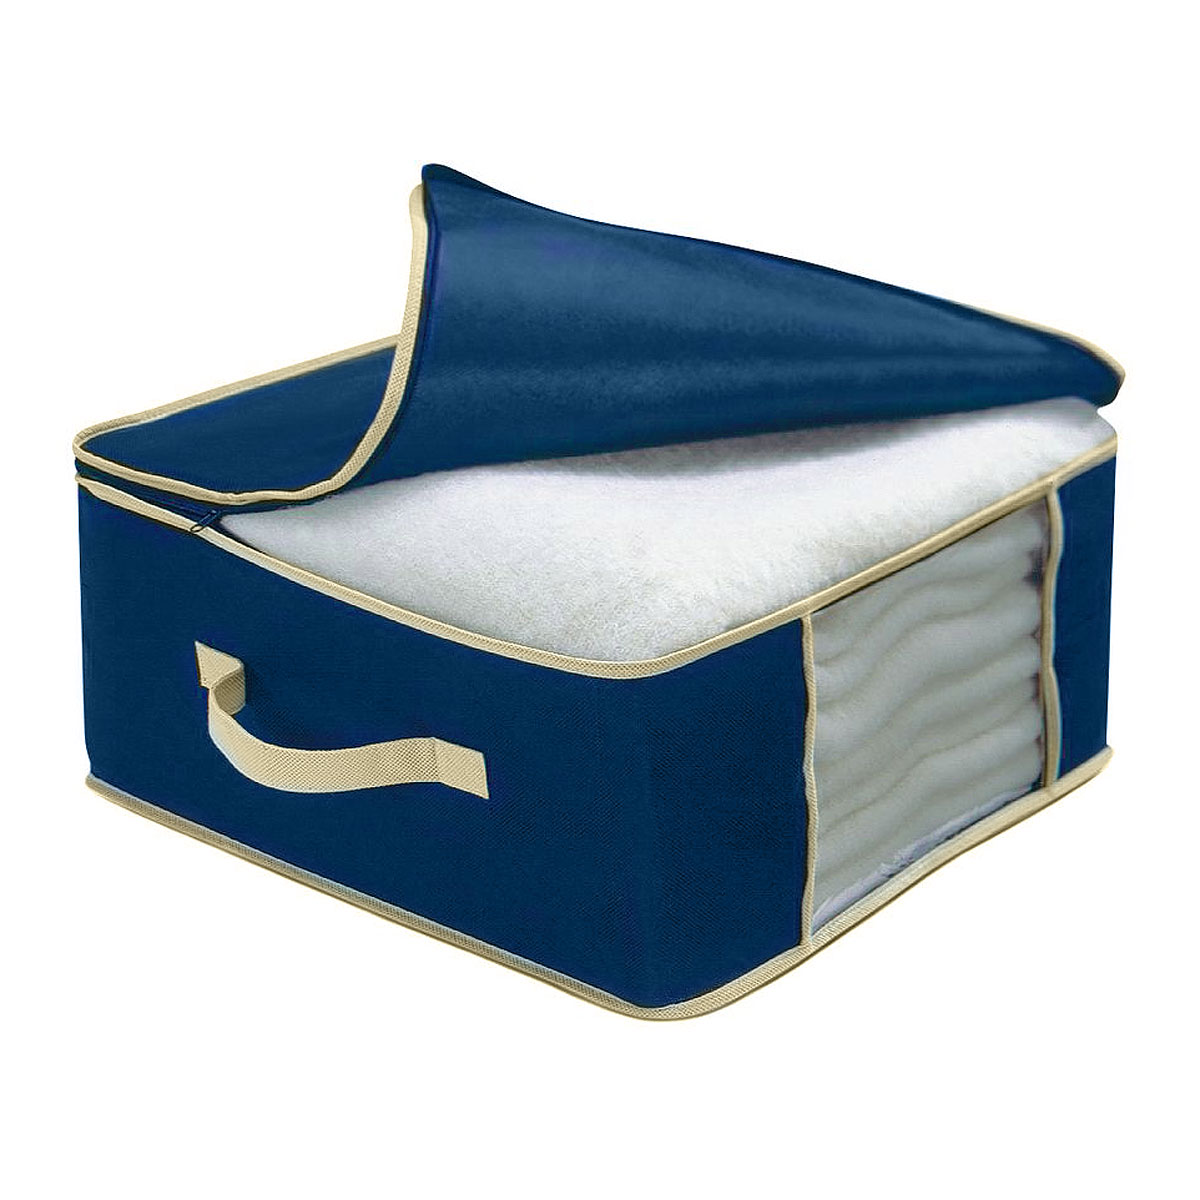 """Чехол для одеяла """"Cosatto"""" изготовлен из дышащего нетканого материала (полипропилена), безопасного в использовании. Подходит для одинарных шерстяных или одинарных пуховых одеял. Имеет прозрачное окно и застежку-молнию по периметру, а также ручку для переноски."""